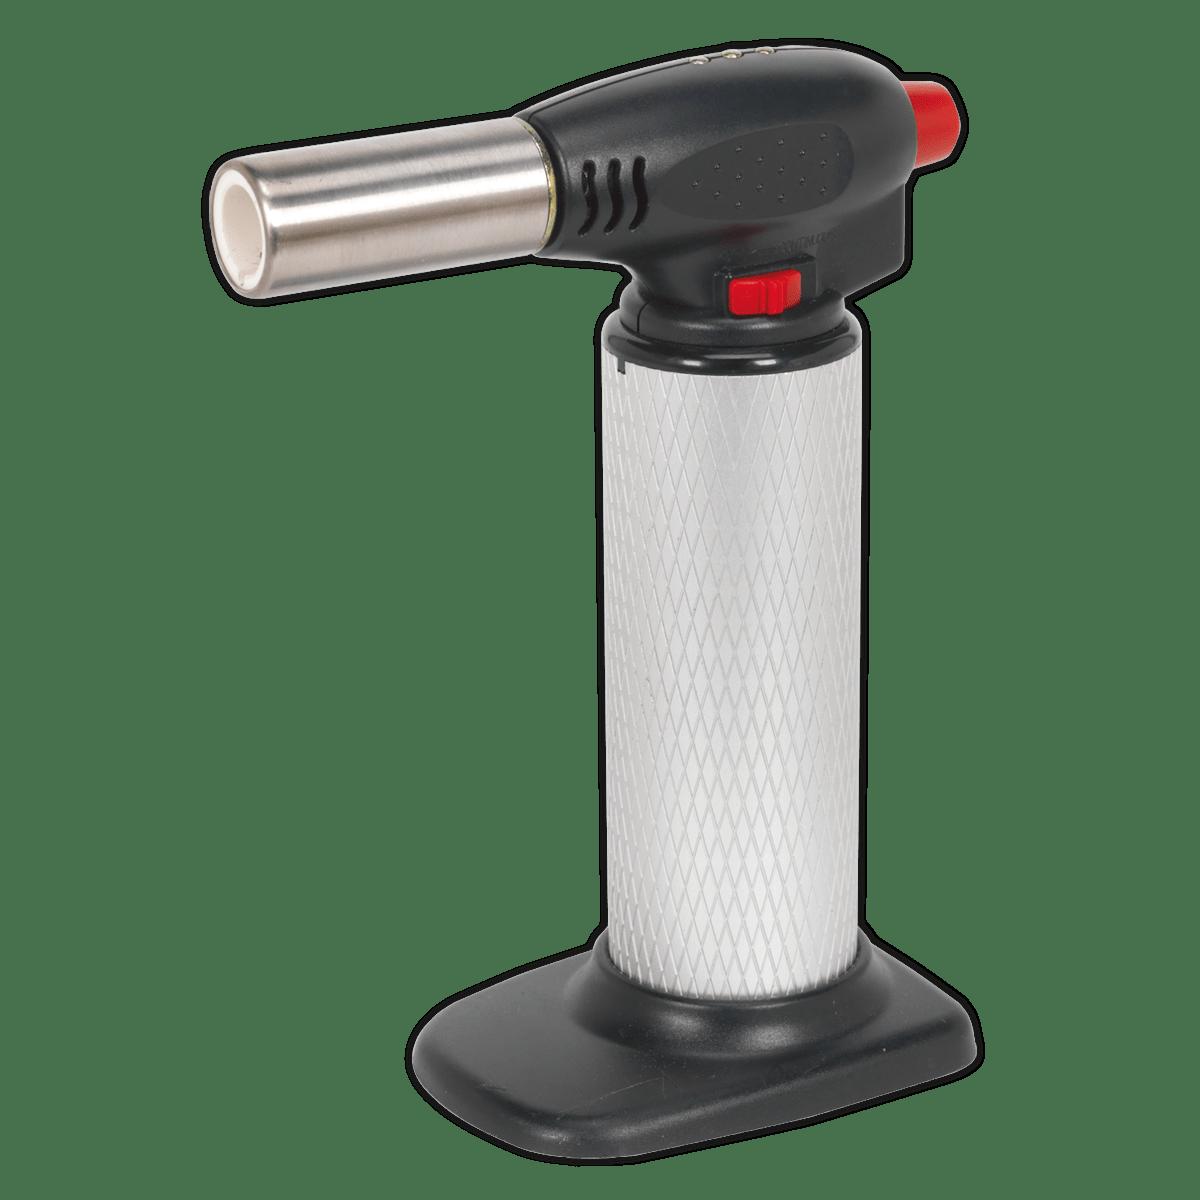 Sealey Heavy-Duty Butane Soldering Torch AK2932